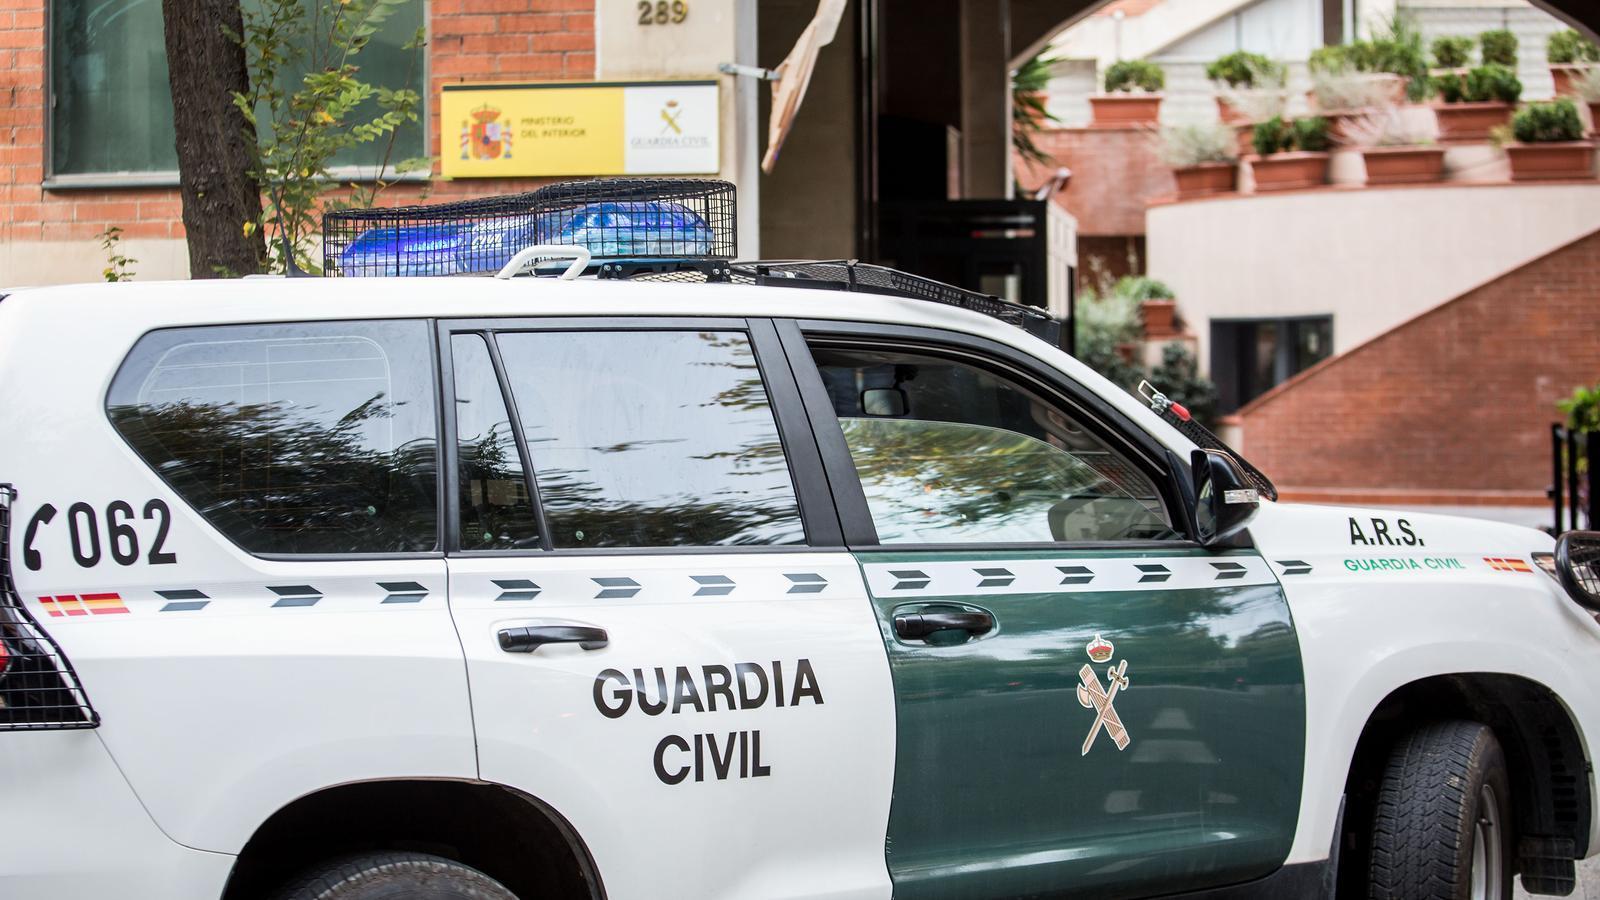 """La Guardia Civil cree que el independentismo quiere """"evitar el control"""" con criptomonedas"""